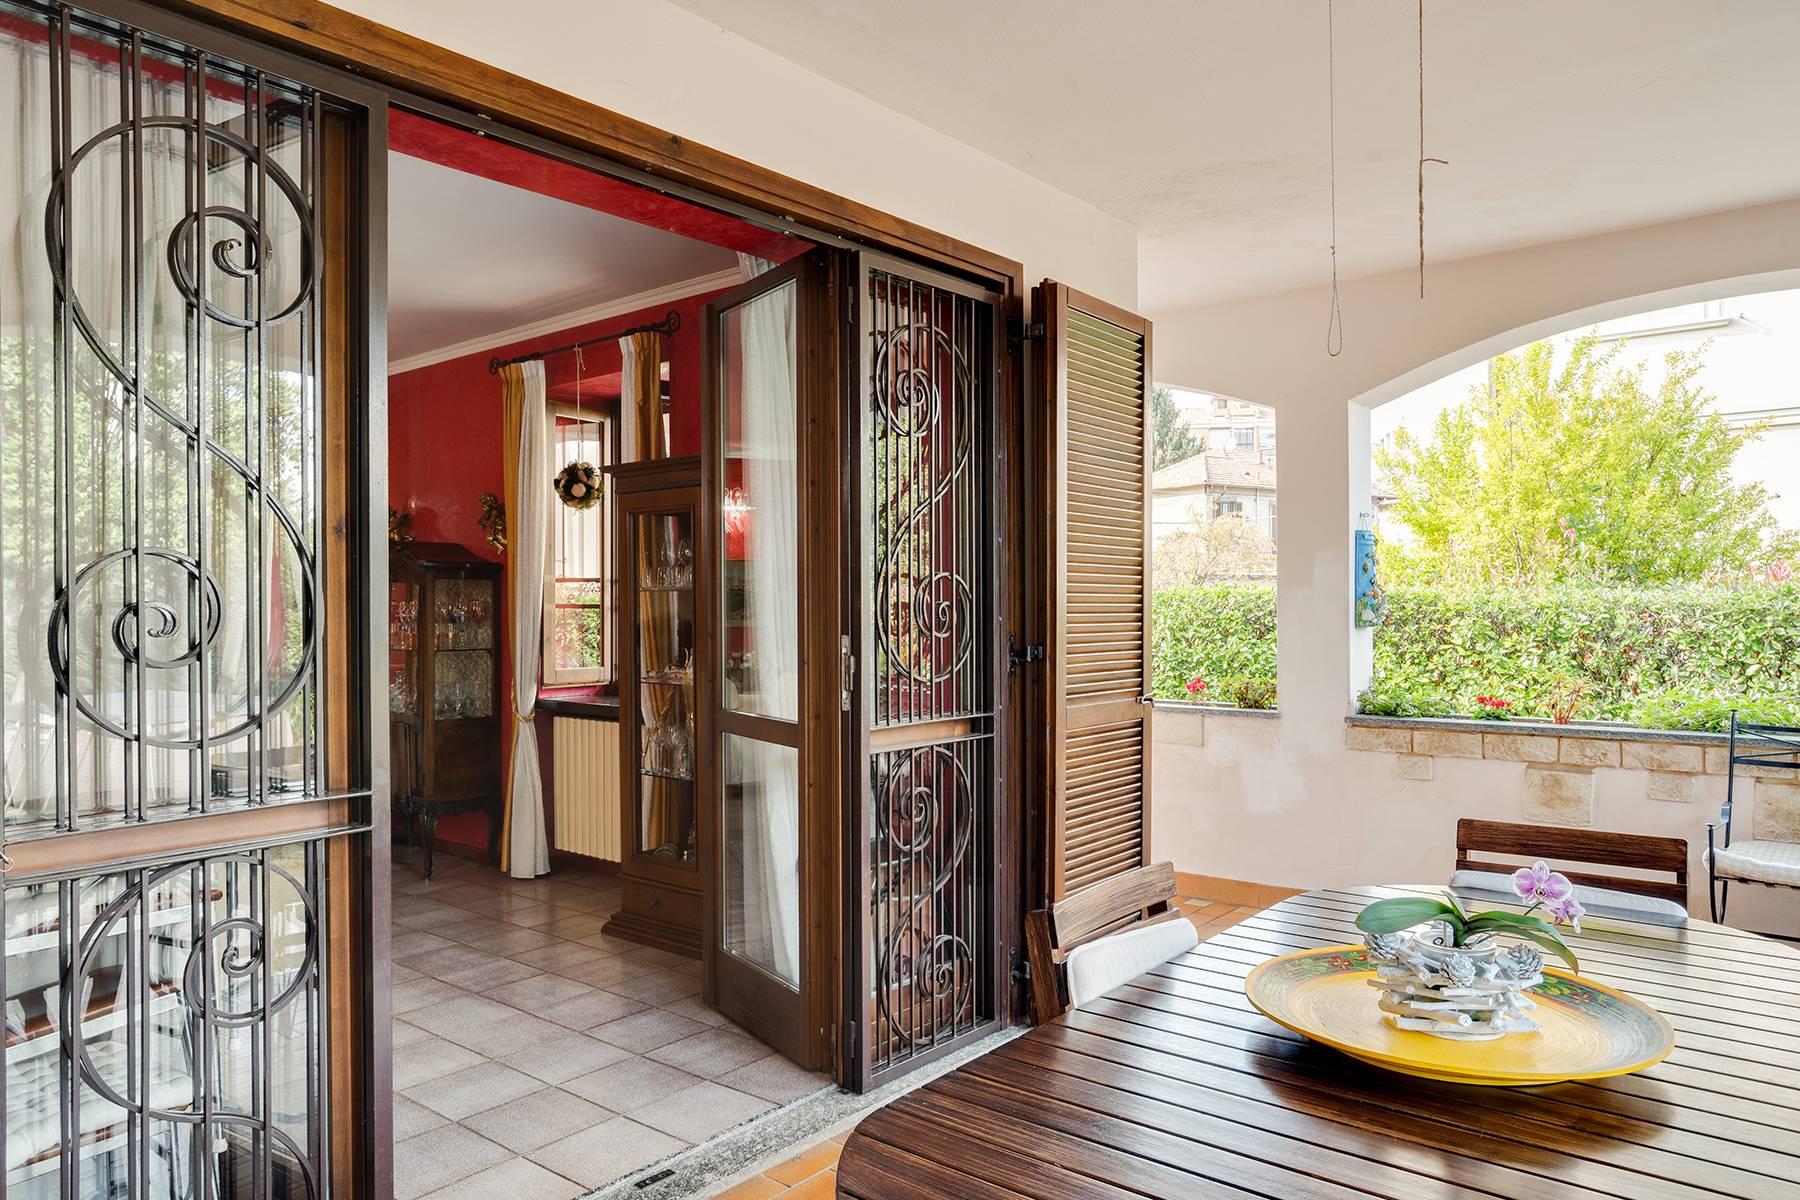 Villa in Vendita a Arona: 5 locali, 246 mq - Foto 4